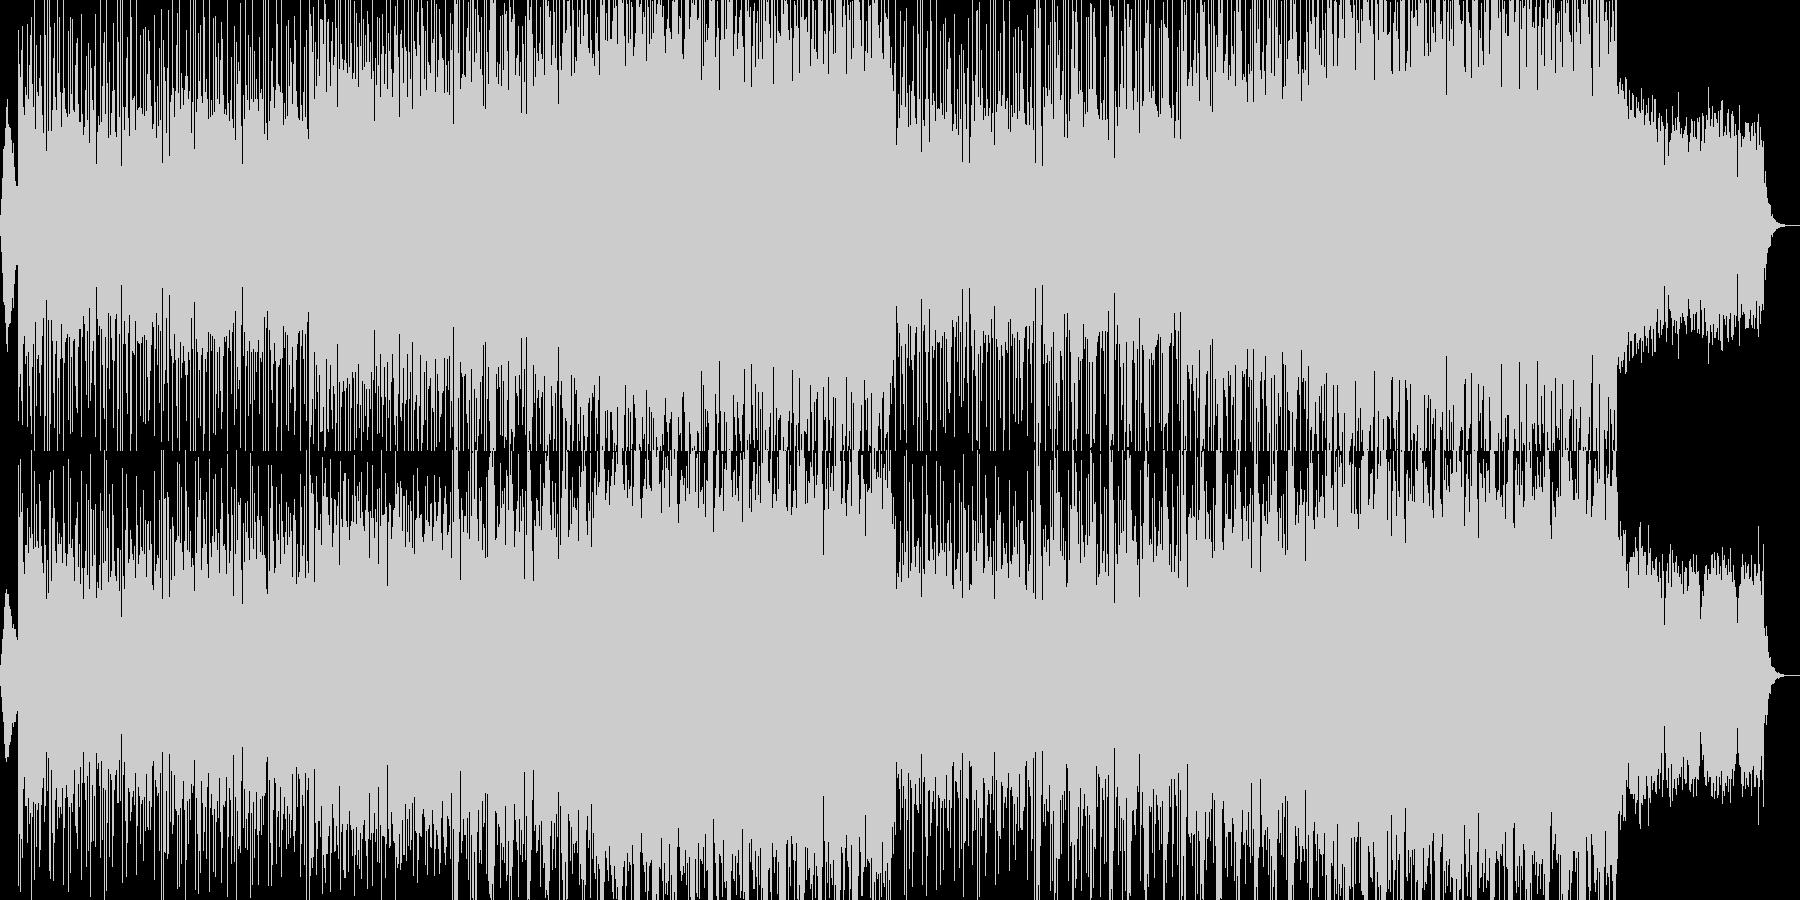 映画音楽、荘厳重厚、映像向け-30の未再生の波形